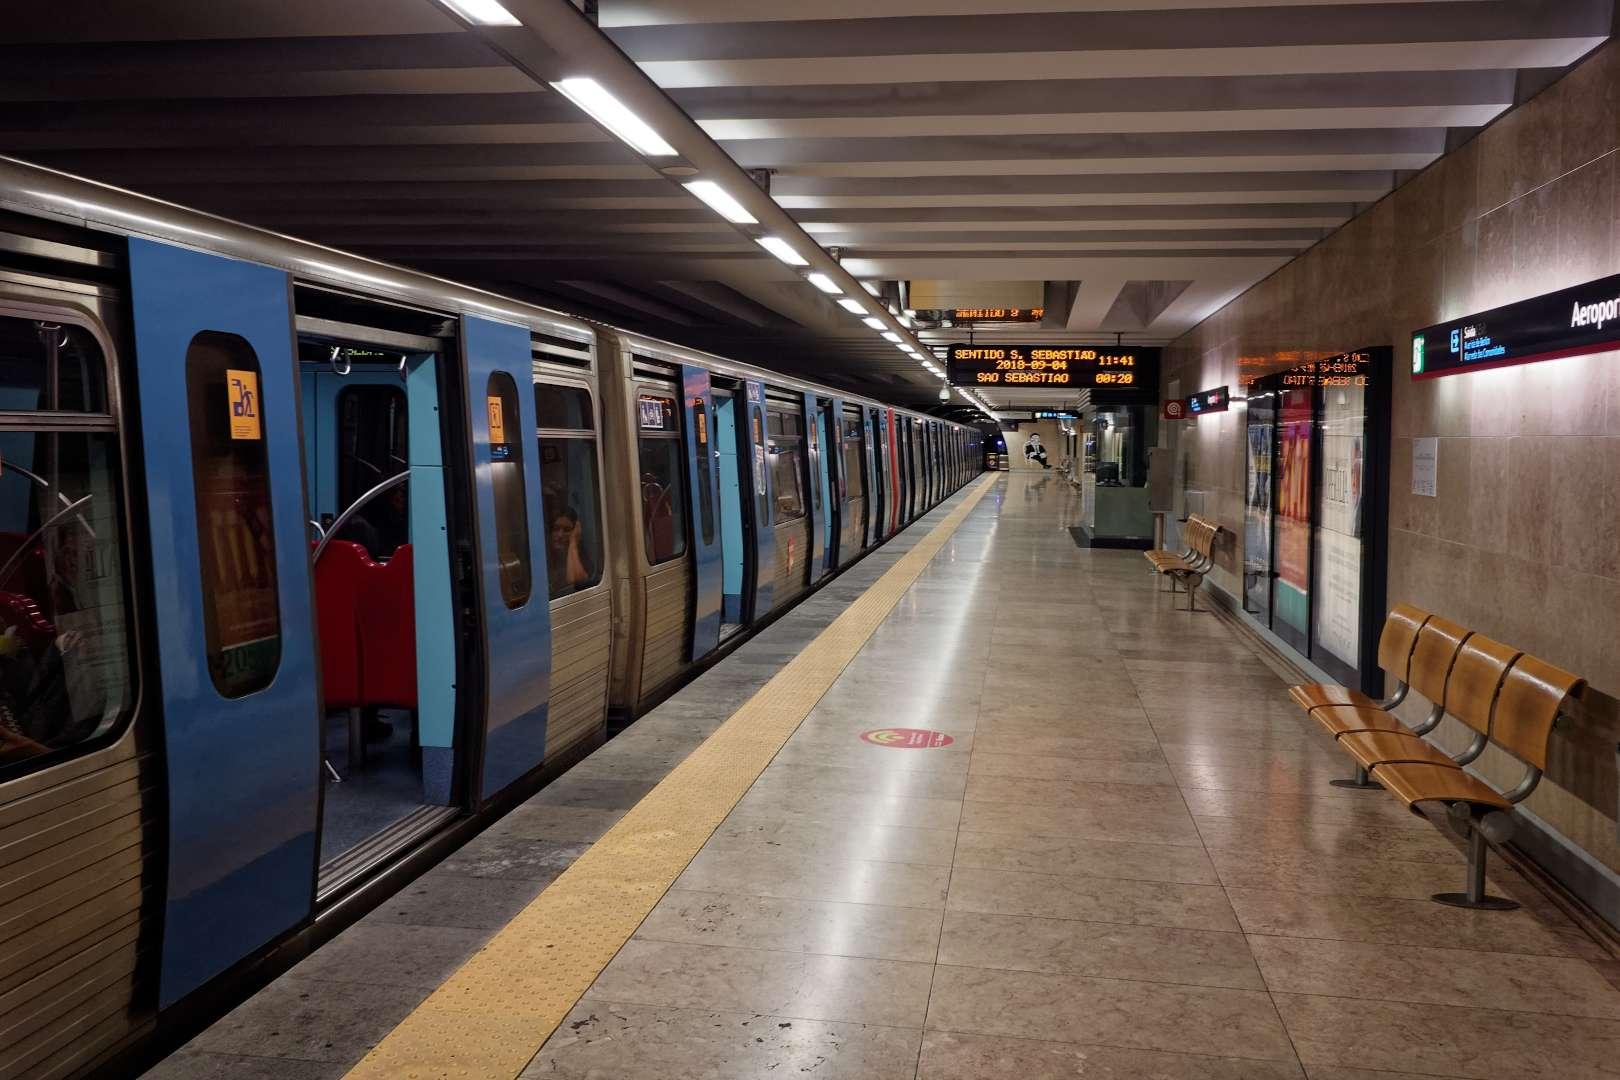 Andén de la estación de Aeroporto del metro de Lisboa.